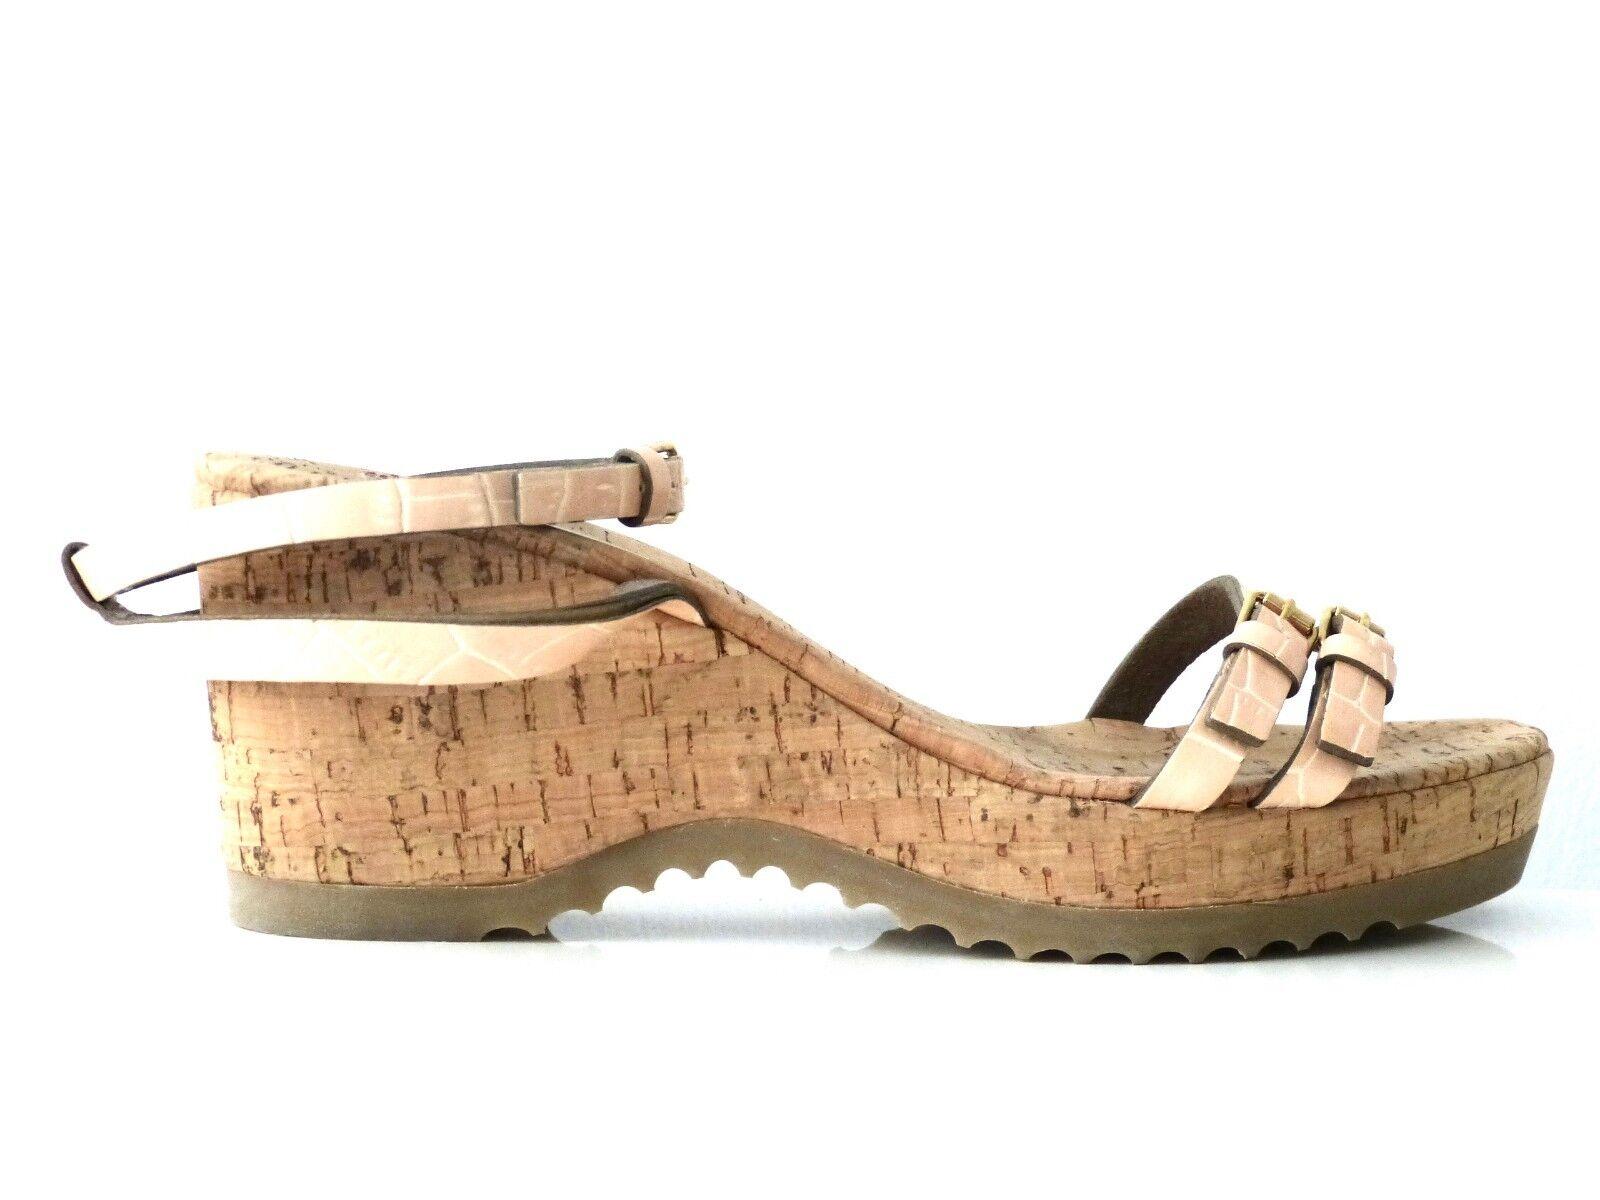 Stella McCartney zapatos de cuña sandalias polvos zapatos Powder Powder Powder eu 40 nuevo New  orden ahora con gran descuento y entrega gratuita